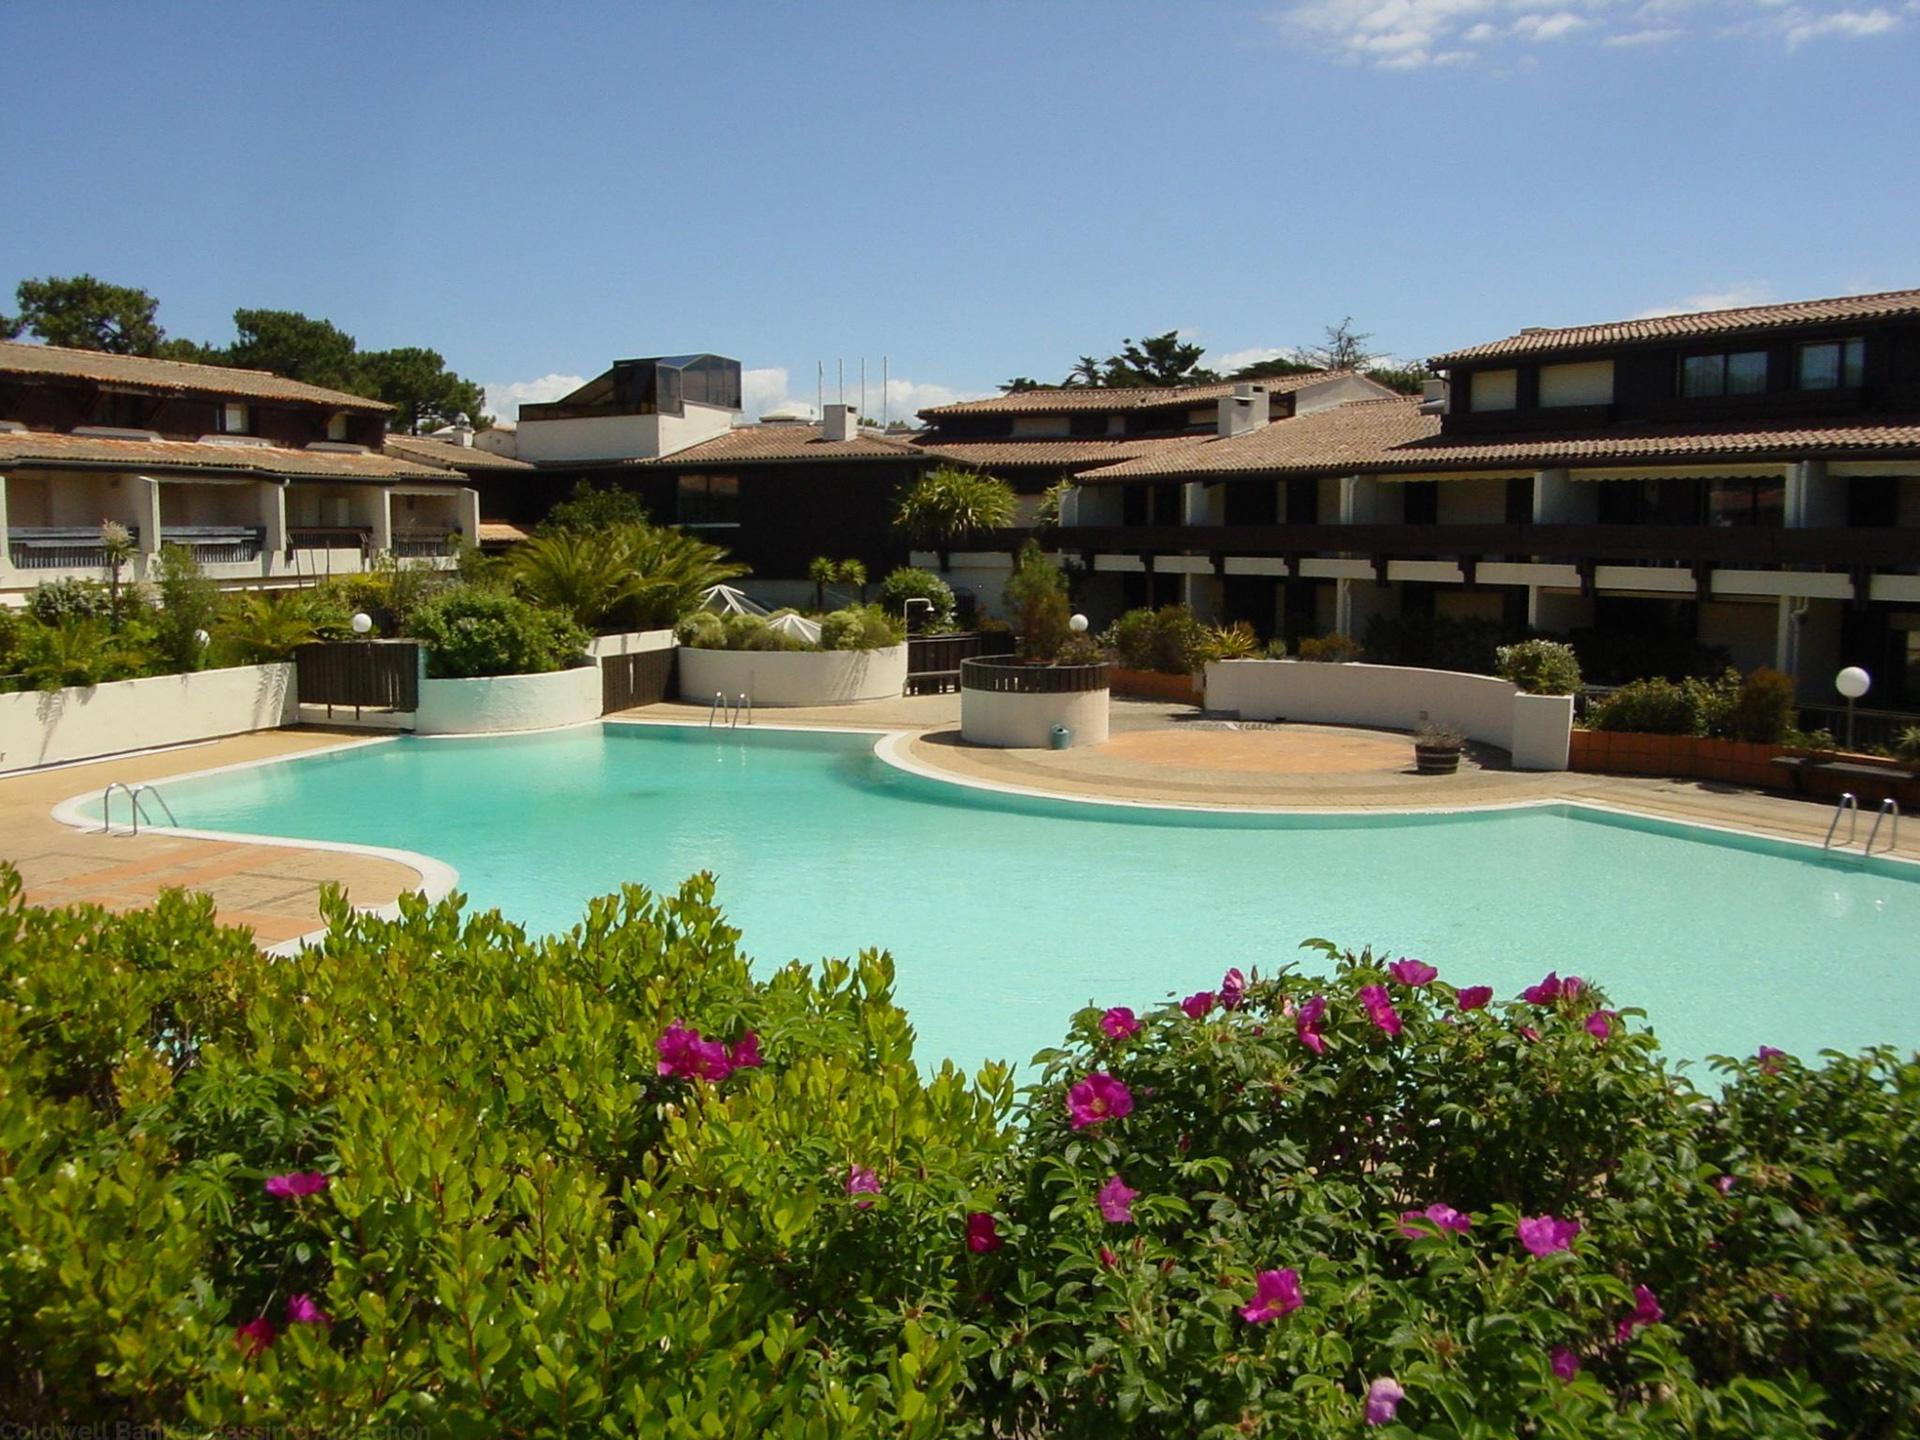 Appartement 1 chambre 4 personnes enti rement r nov for Appartement bordeaux avec piscine